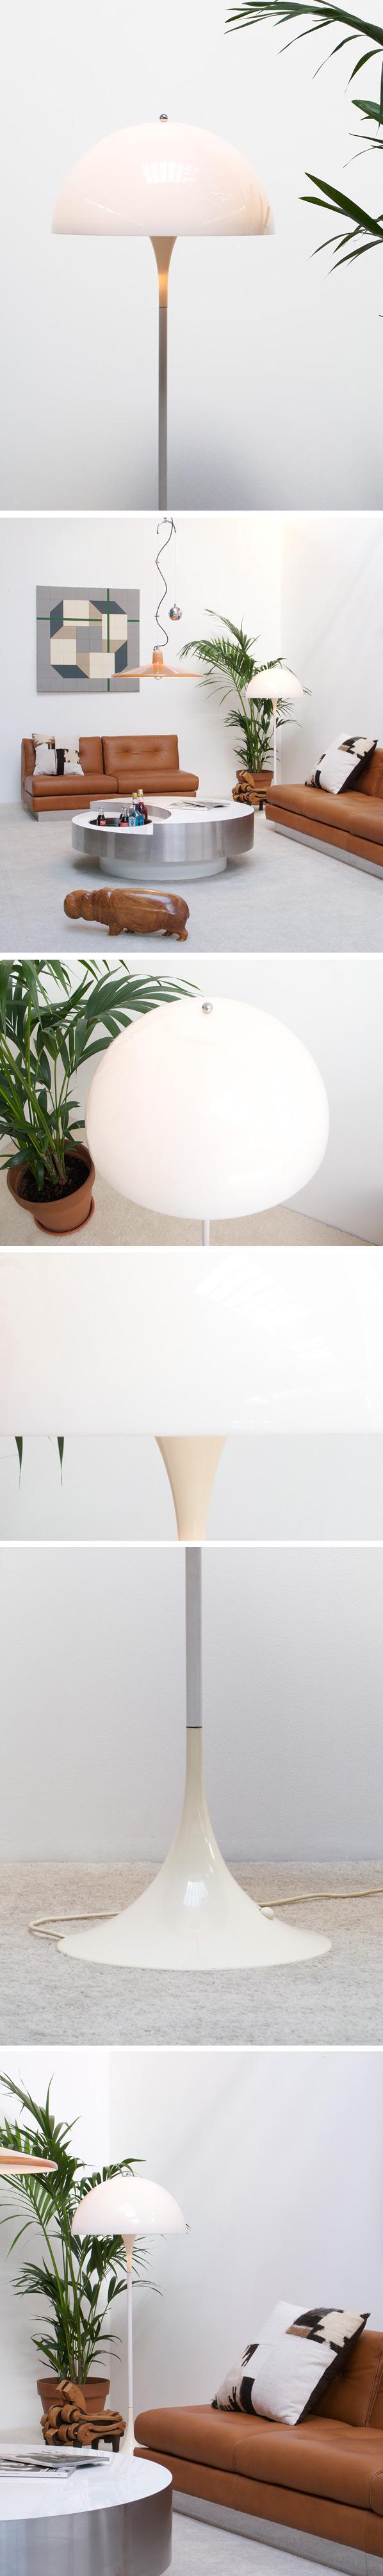 Verner Panton Panthella floor lamp Louis Poulsen Large